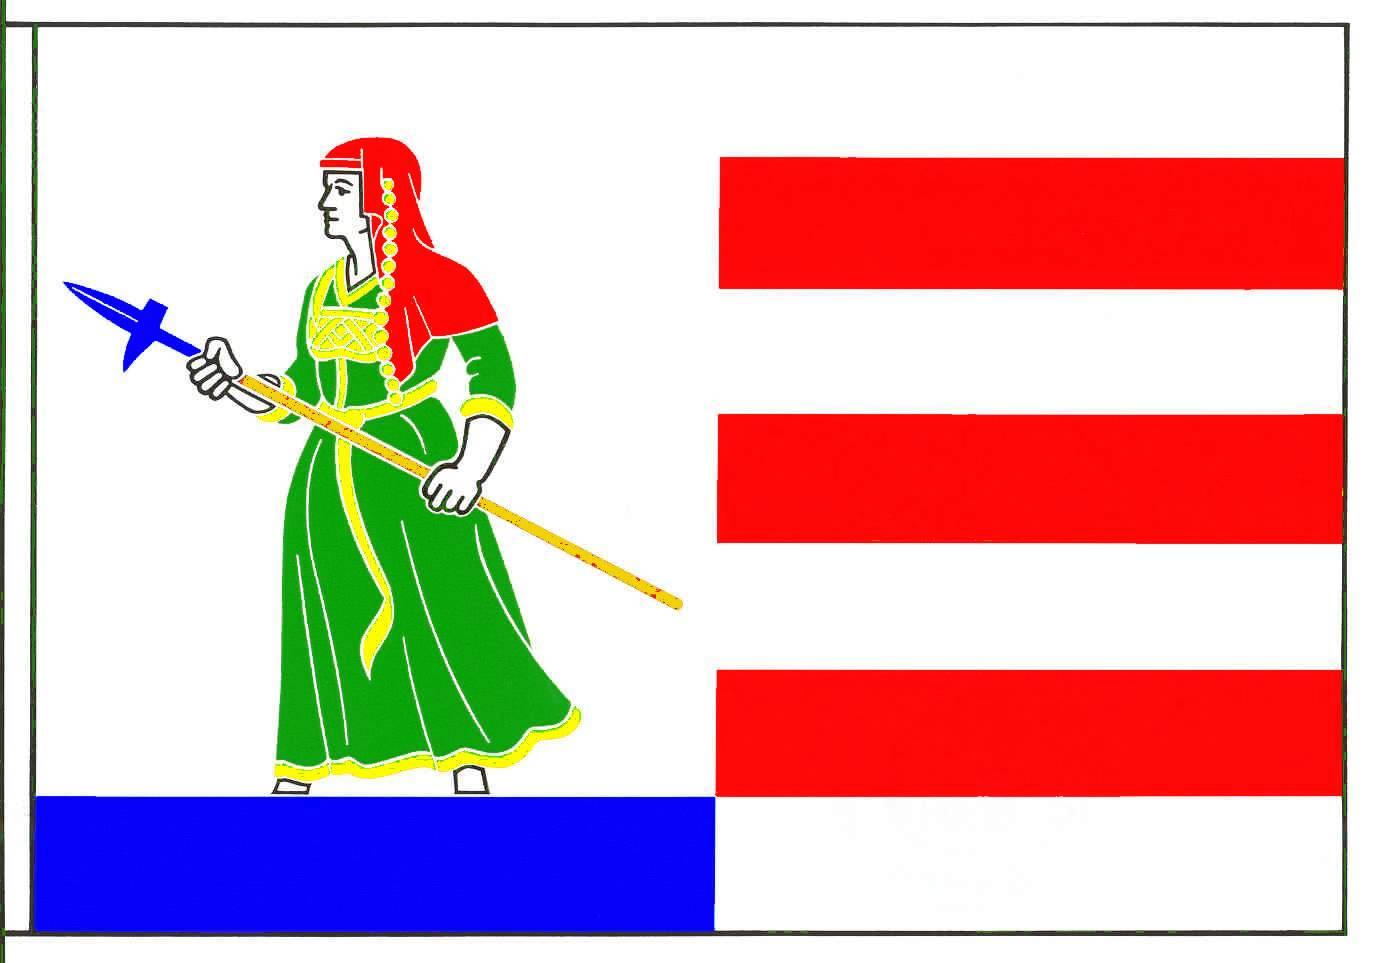 Flagge GemeindeNordhastedt, Kreis Dithmarschen